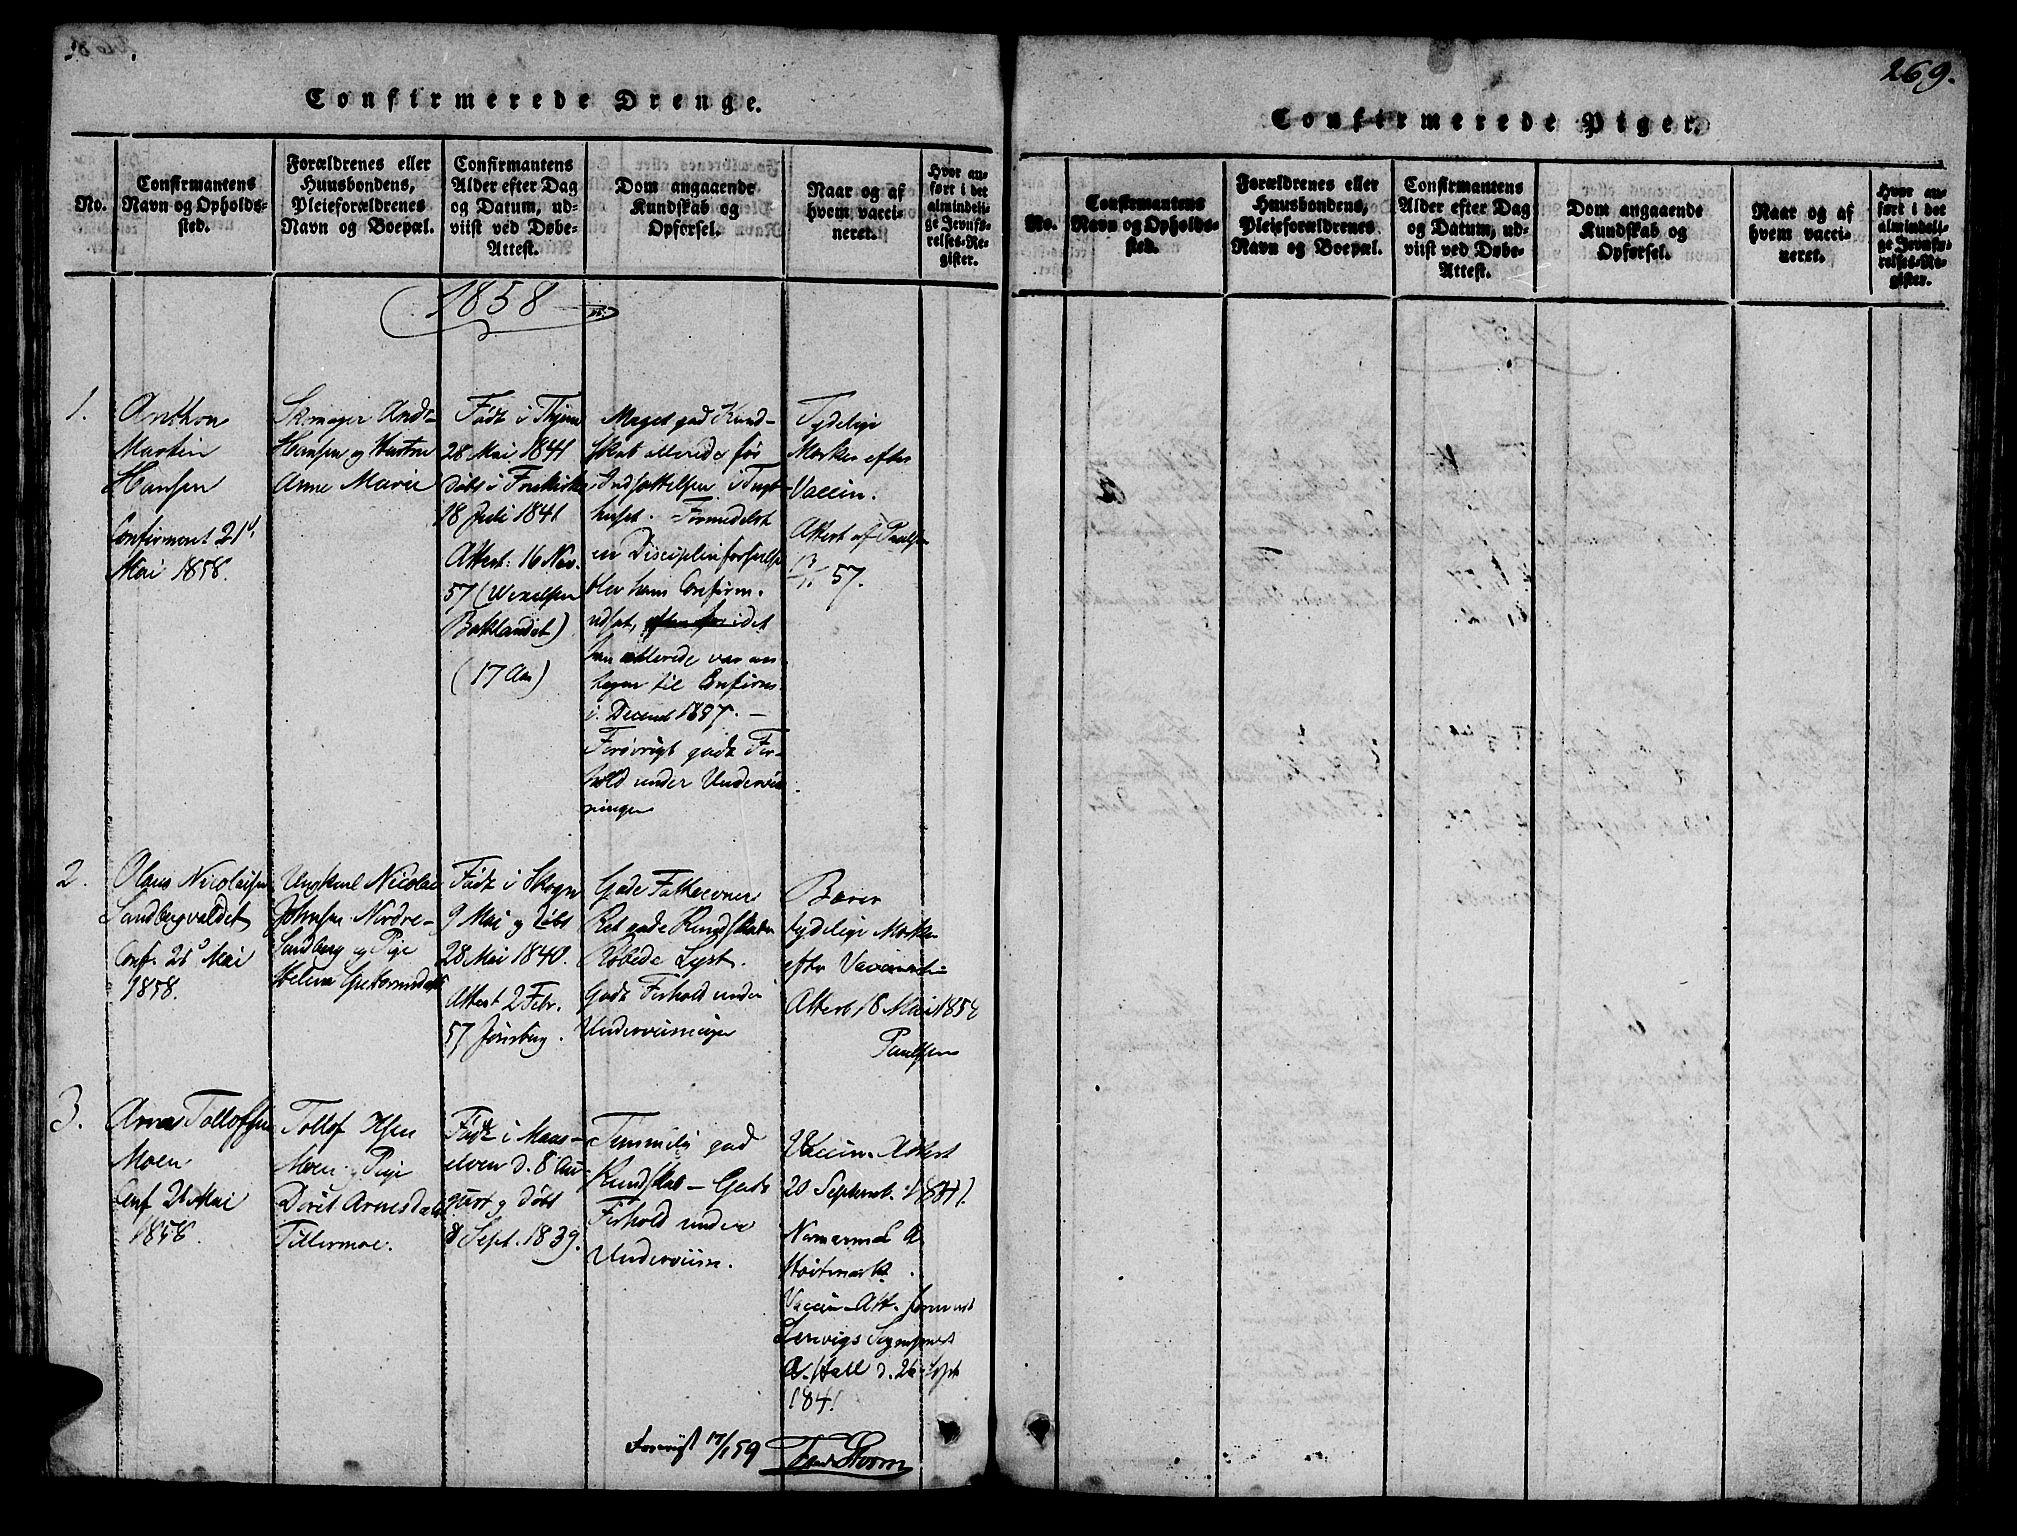 SAT, Ministerialprotokoller, klokkerbøker og fødselsregistre - Sør-Trøndelag, 623/L0478: Klokkerbok nr. 623C01, 1815-1873, s. 269